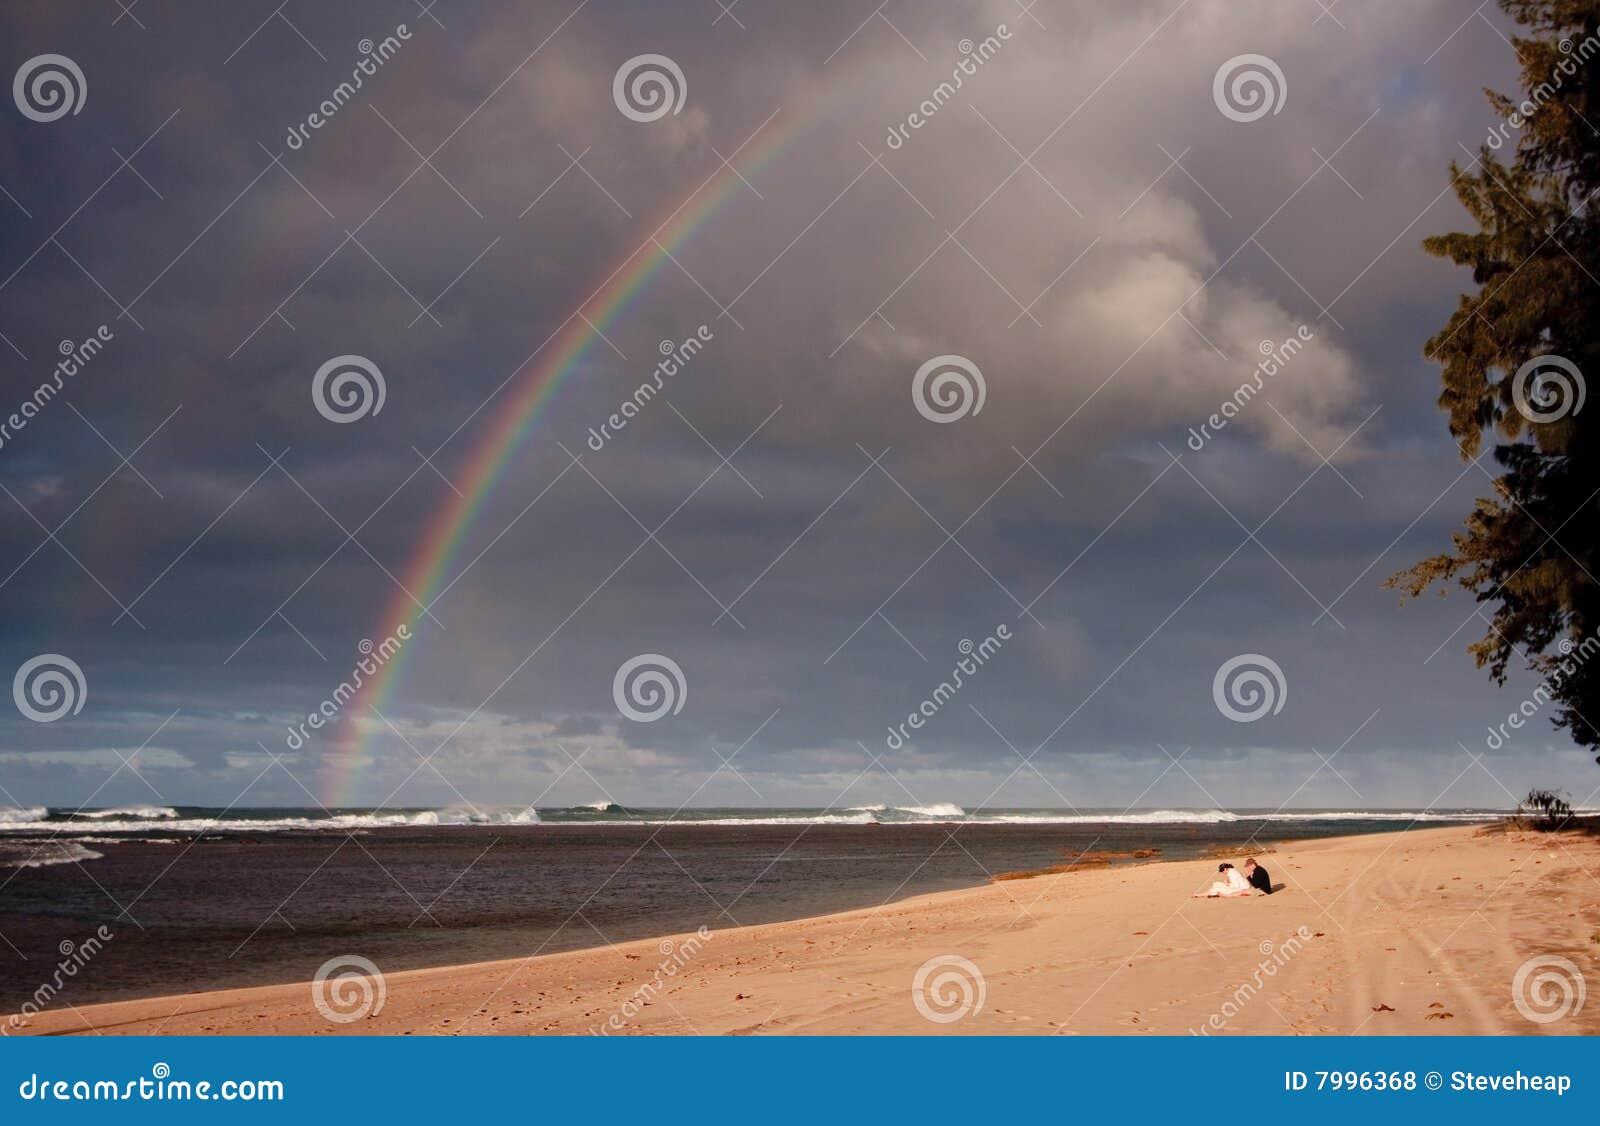 Rainbow over a broad sandy beach